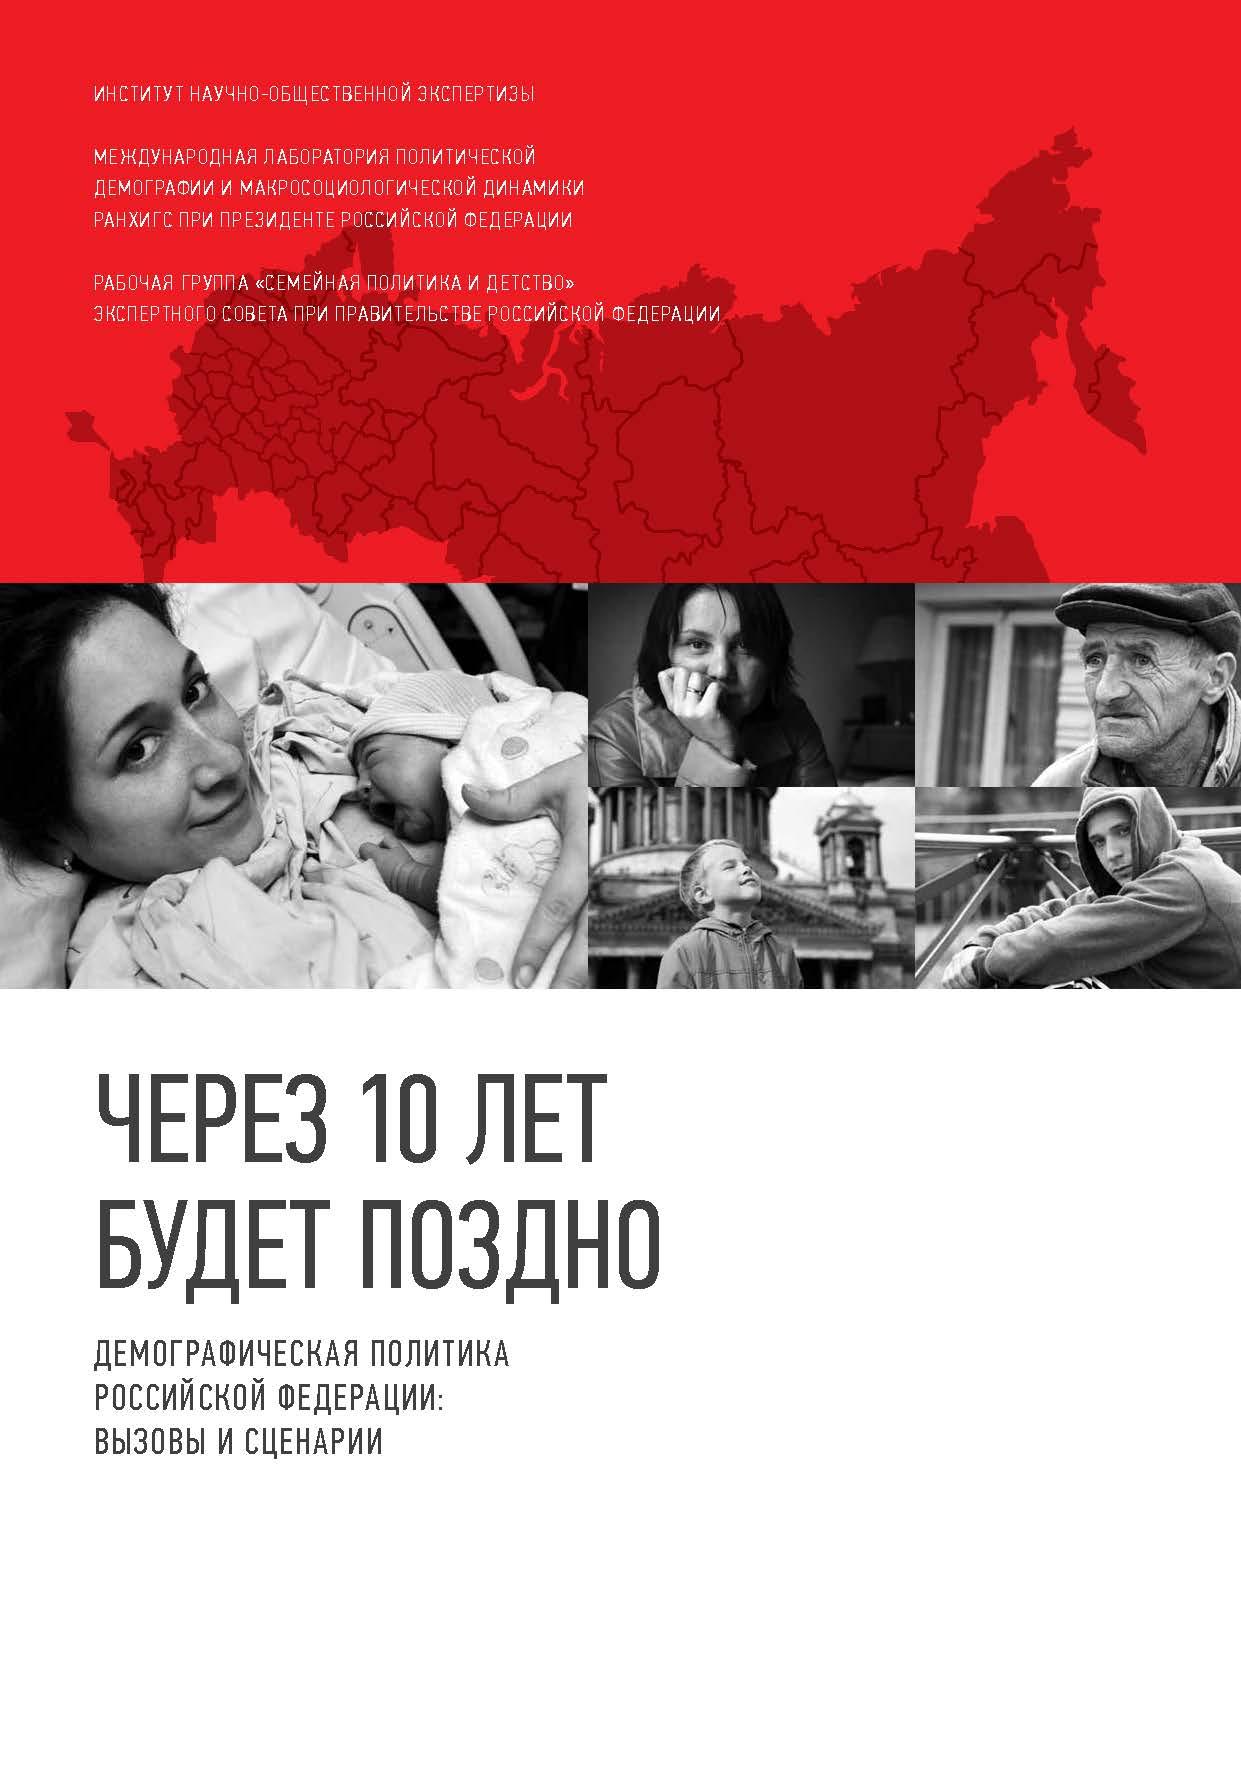 Через 10 лет будет поздно. Демографическая политика Российской Федерации: вызовы и сценарии